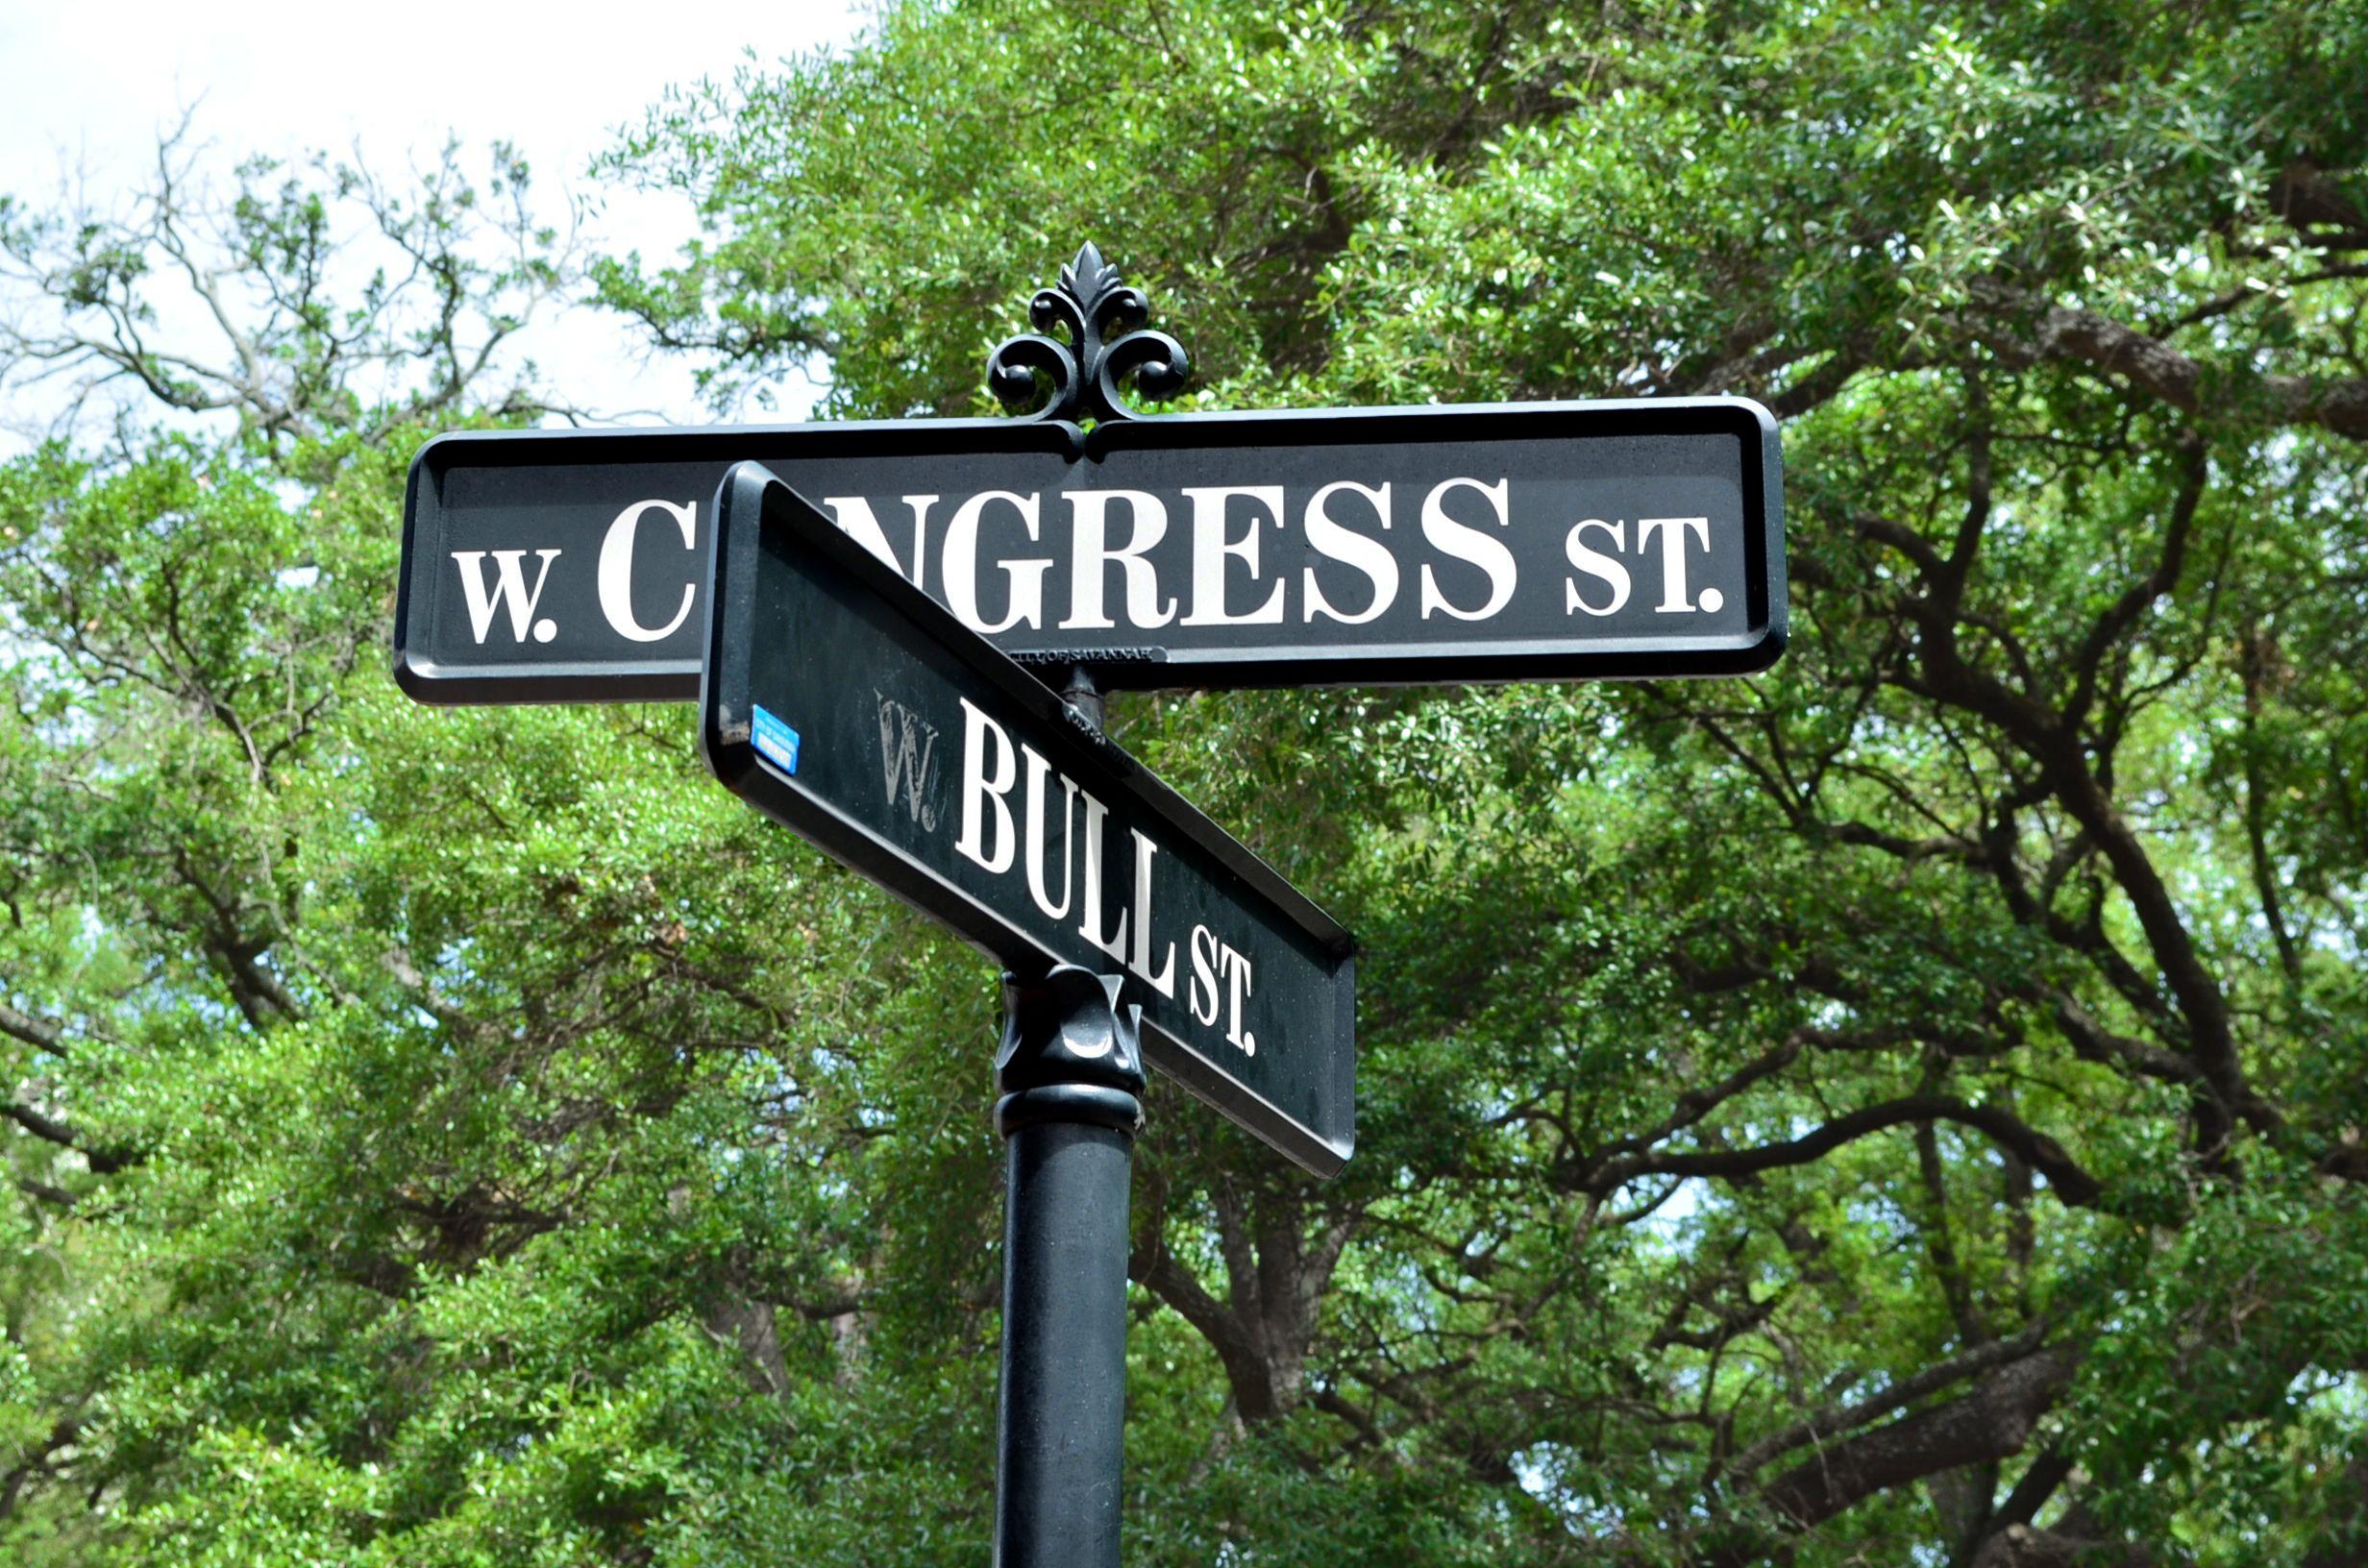 Street Signs In Savannah Ga Bull And Congress Street Sign Sweet Carolina Cupcakes Street Signs Savannah Chat Savannah Historic District